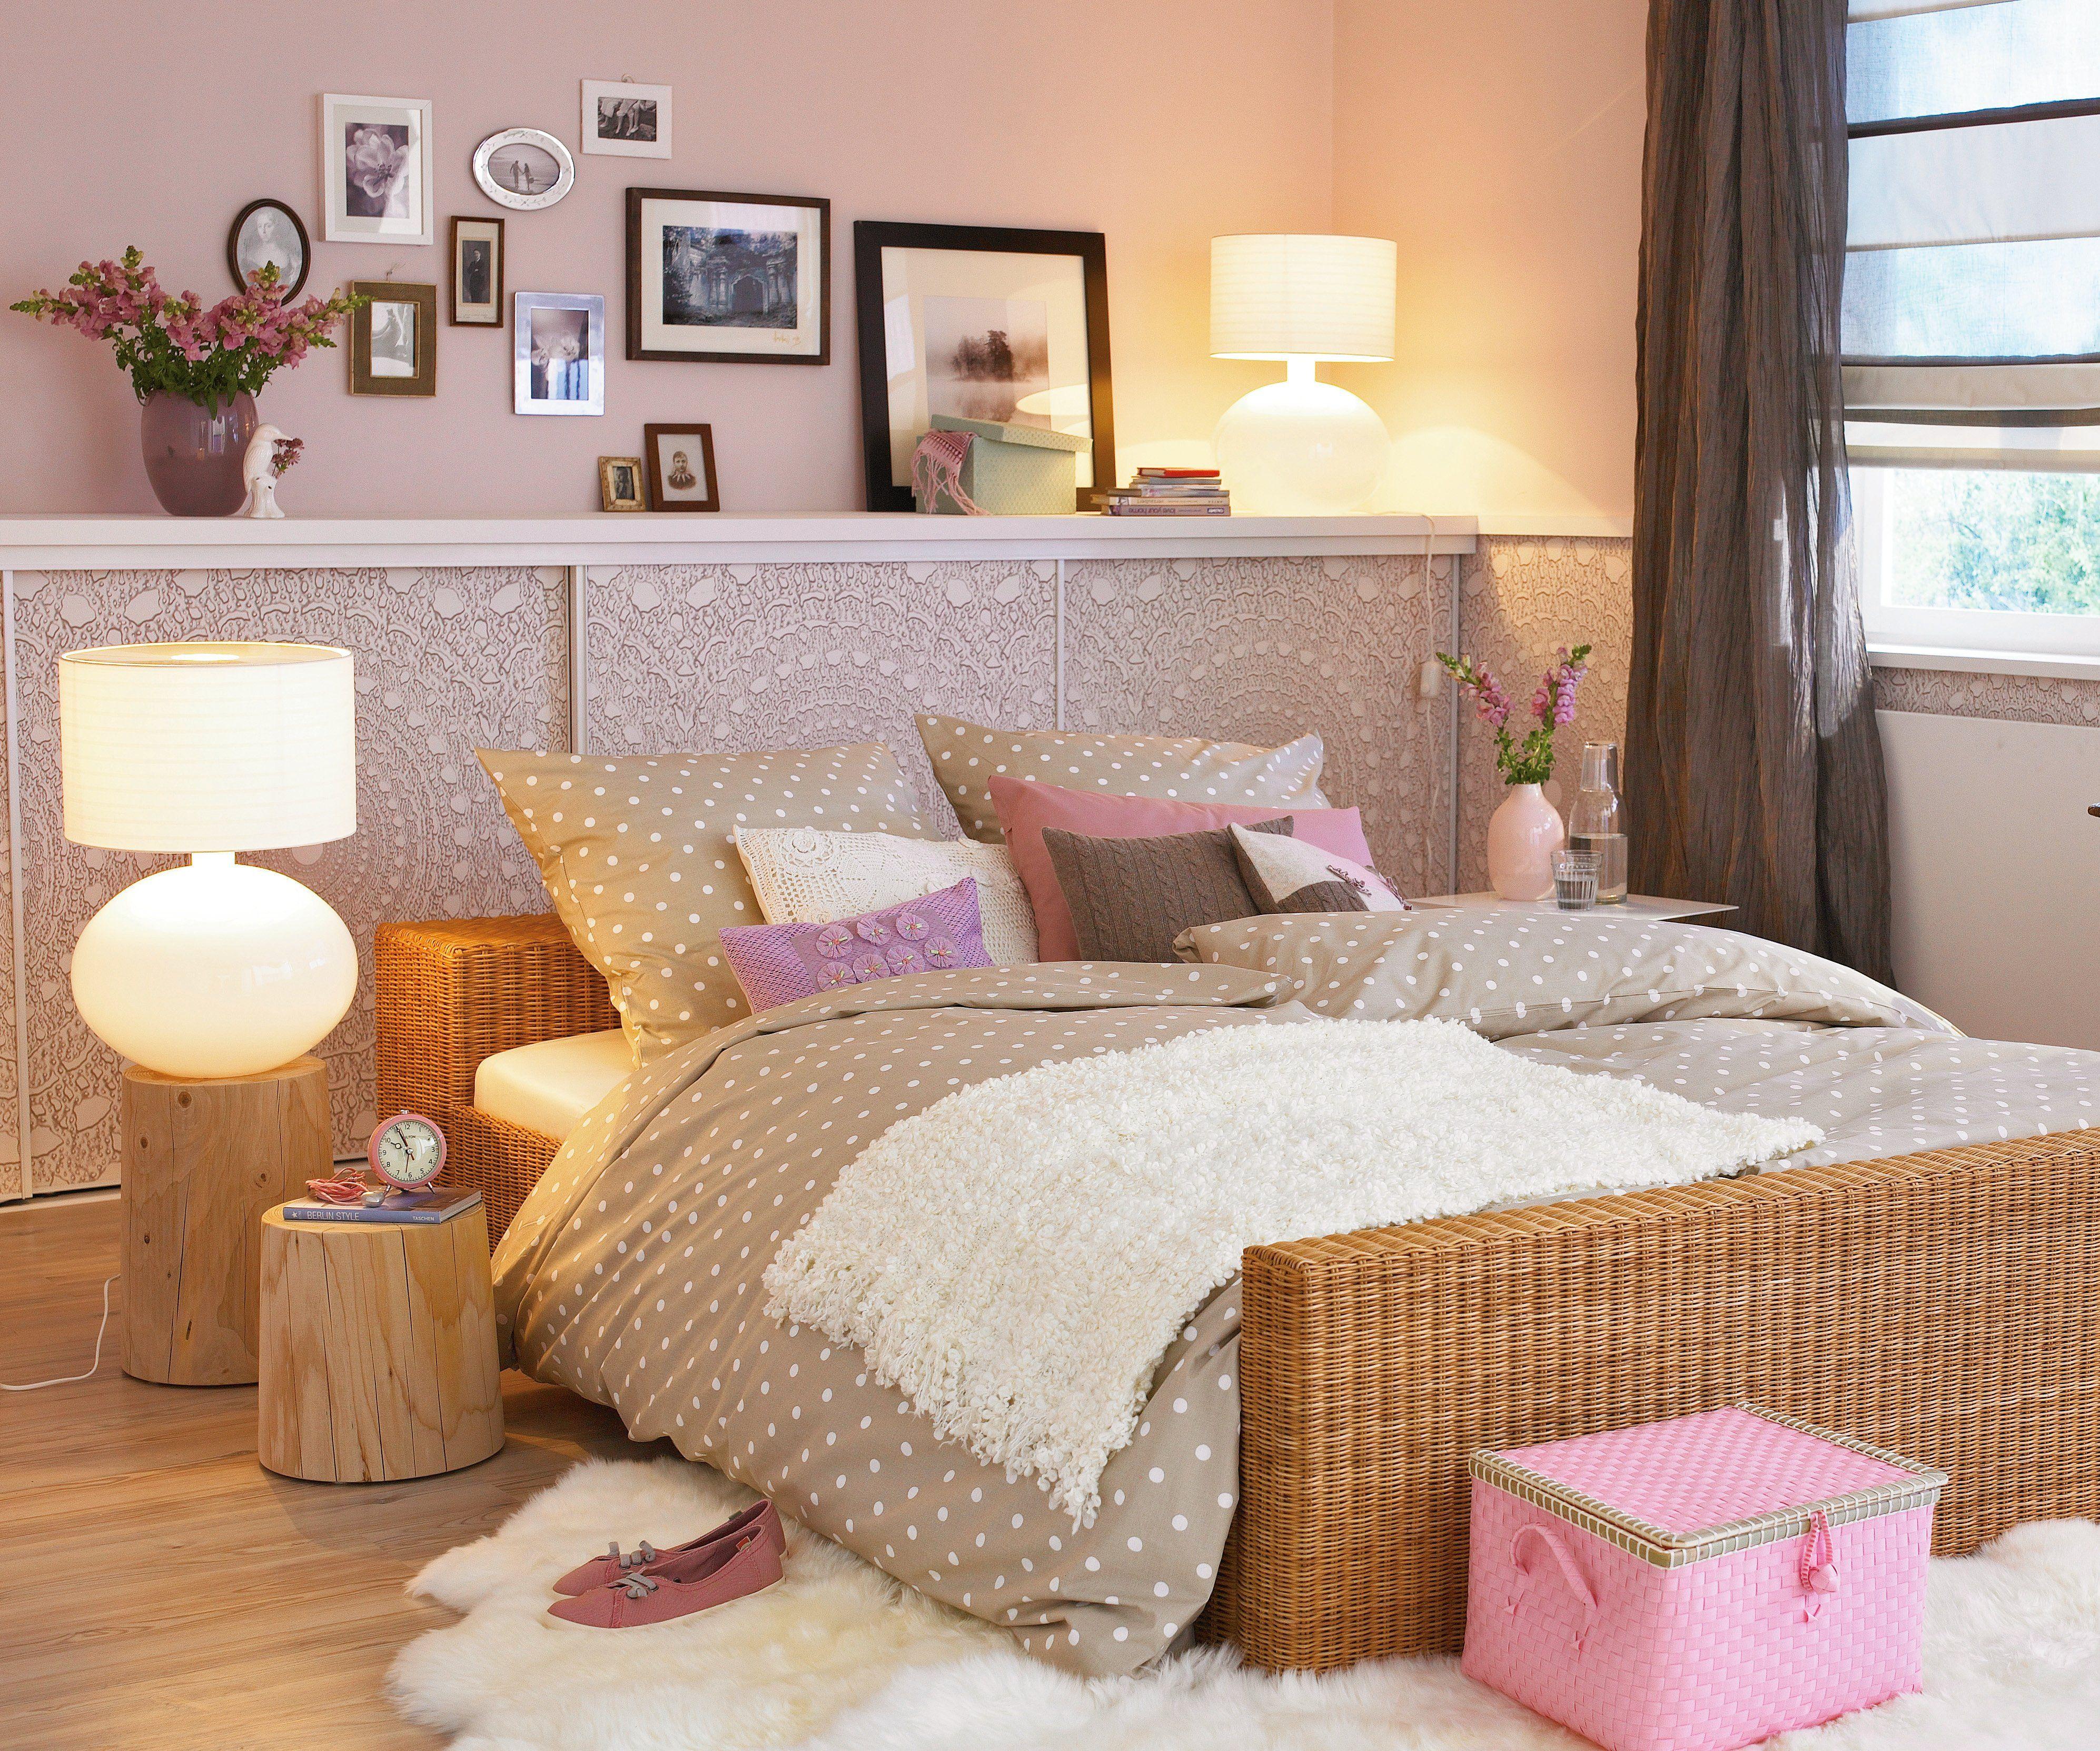 Romantisches Schlafzimmer - Vergleiche auf Wohnidee.de ...